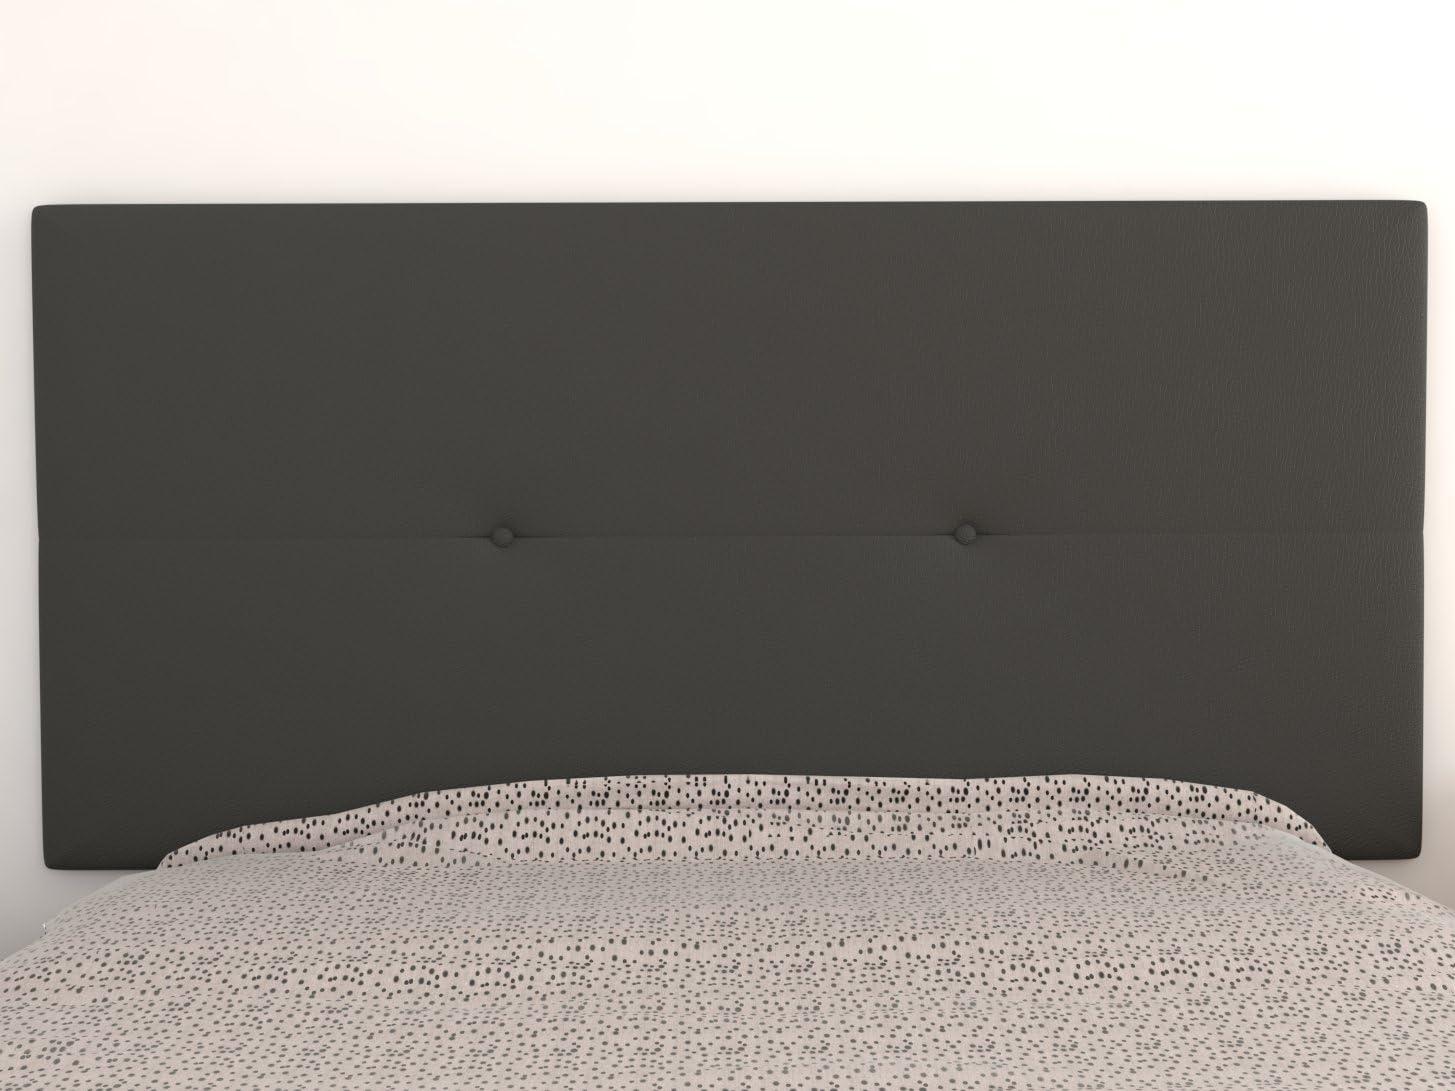 90 y 105 cms para Camas de 80 Polipiel Color Beige LA WEB DEL COLCHON Cabecero de Cama tapizado Acolchado Juvenil Julie 115 x 55 cms Incluye herrajes para Colgar con regulador de Altura